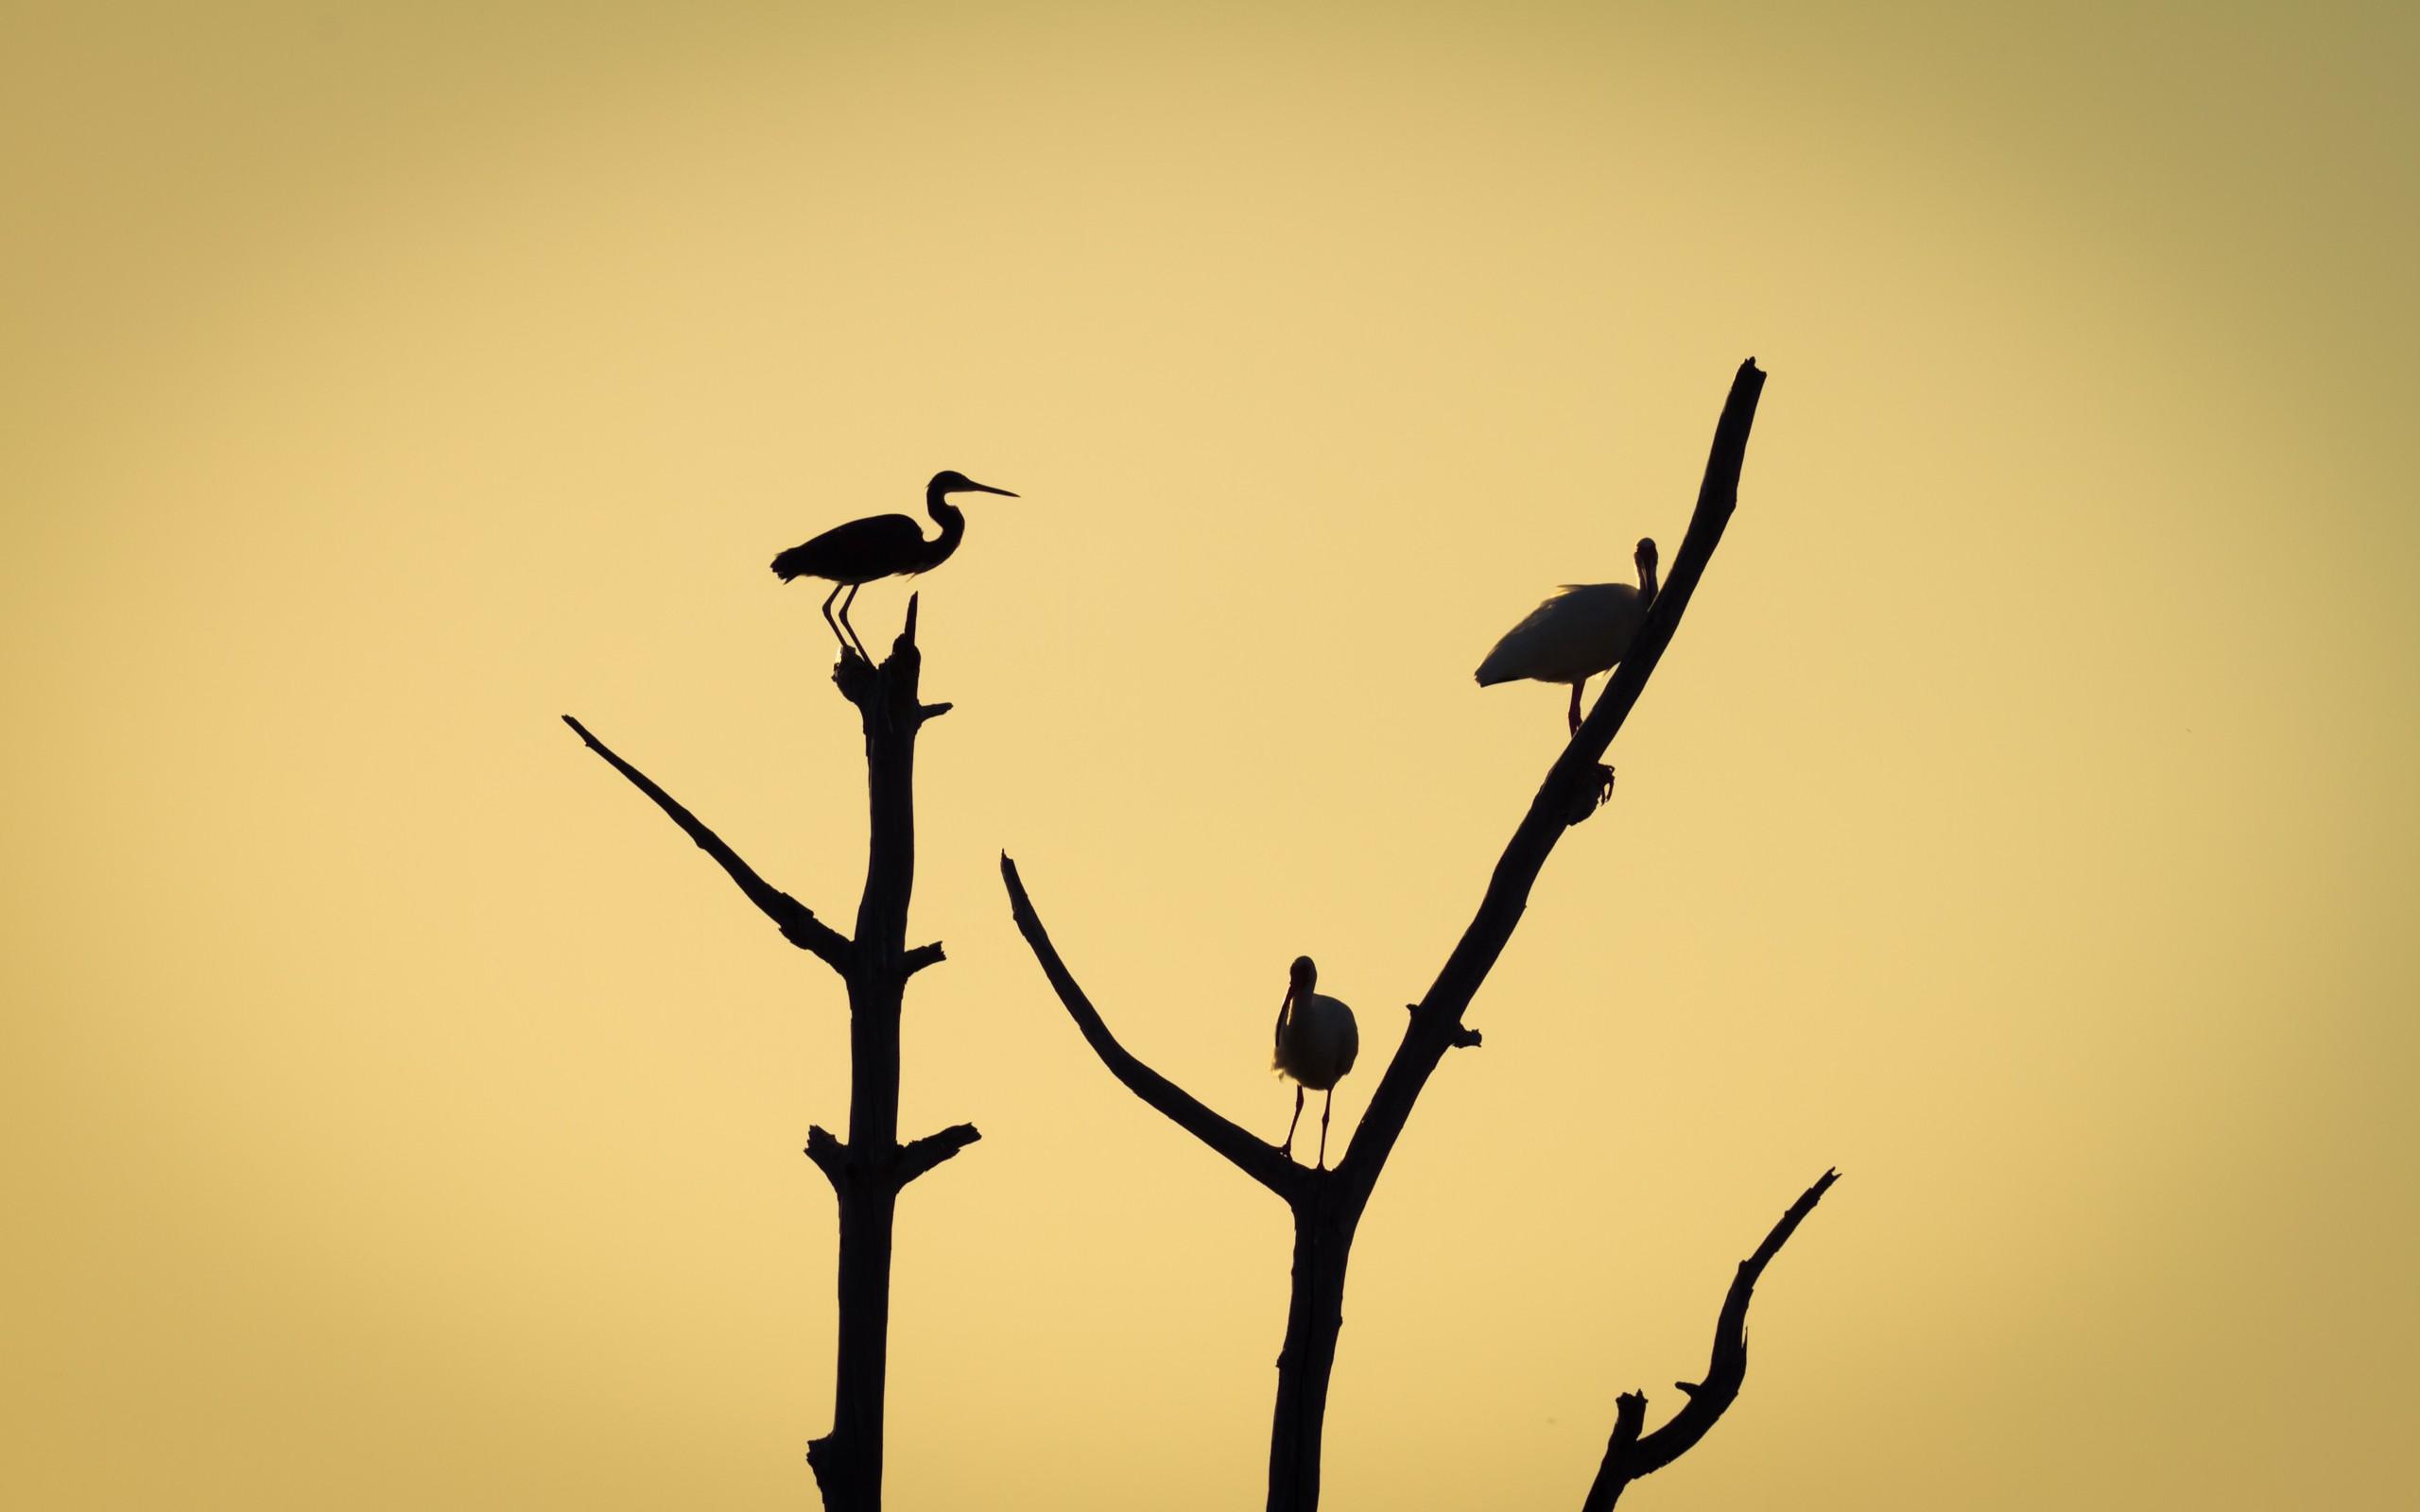 Aves en árboles - 2560x1600